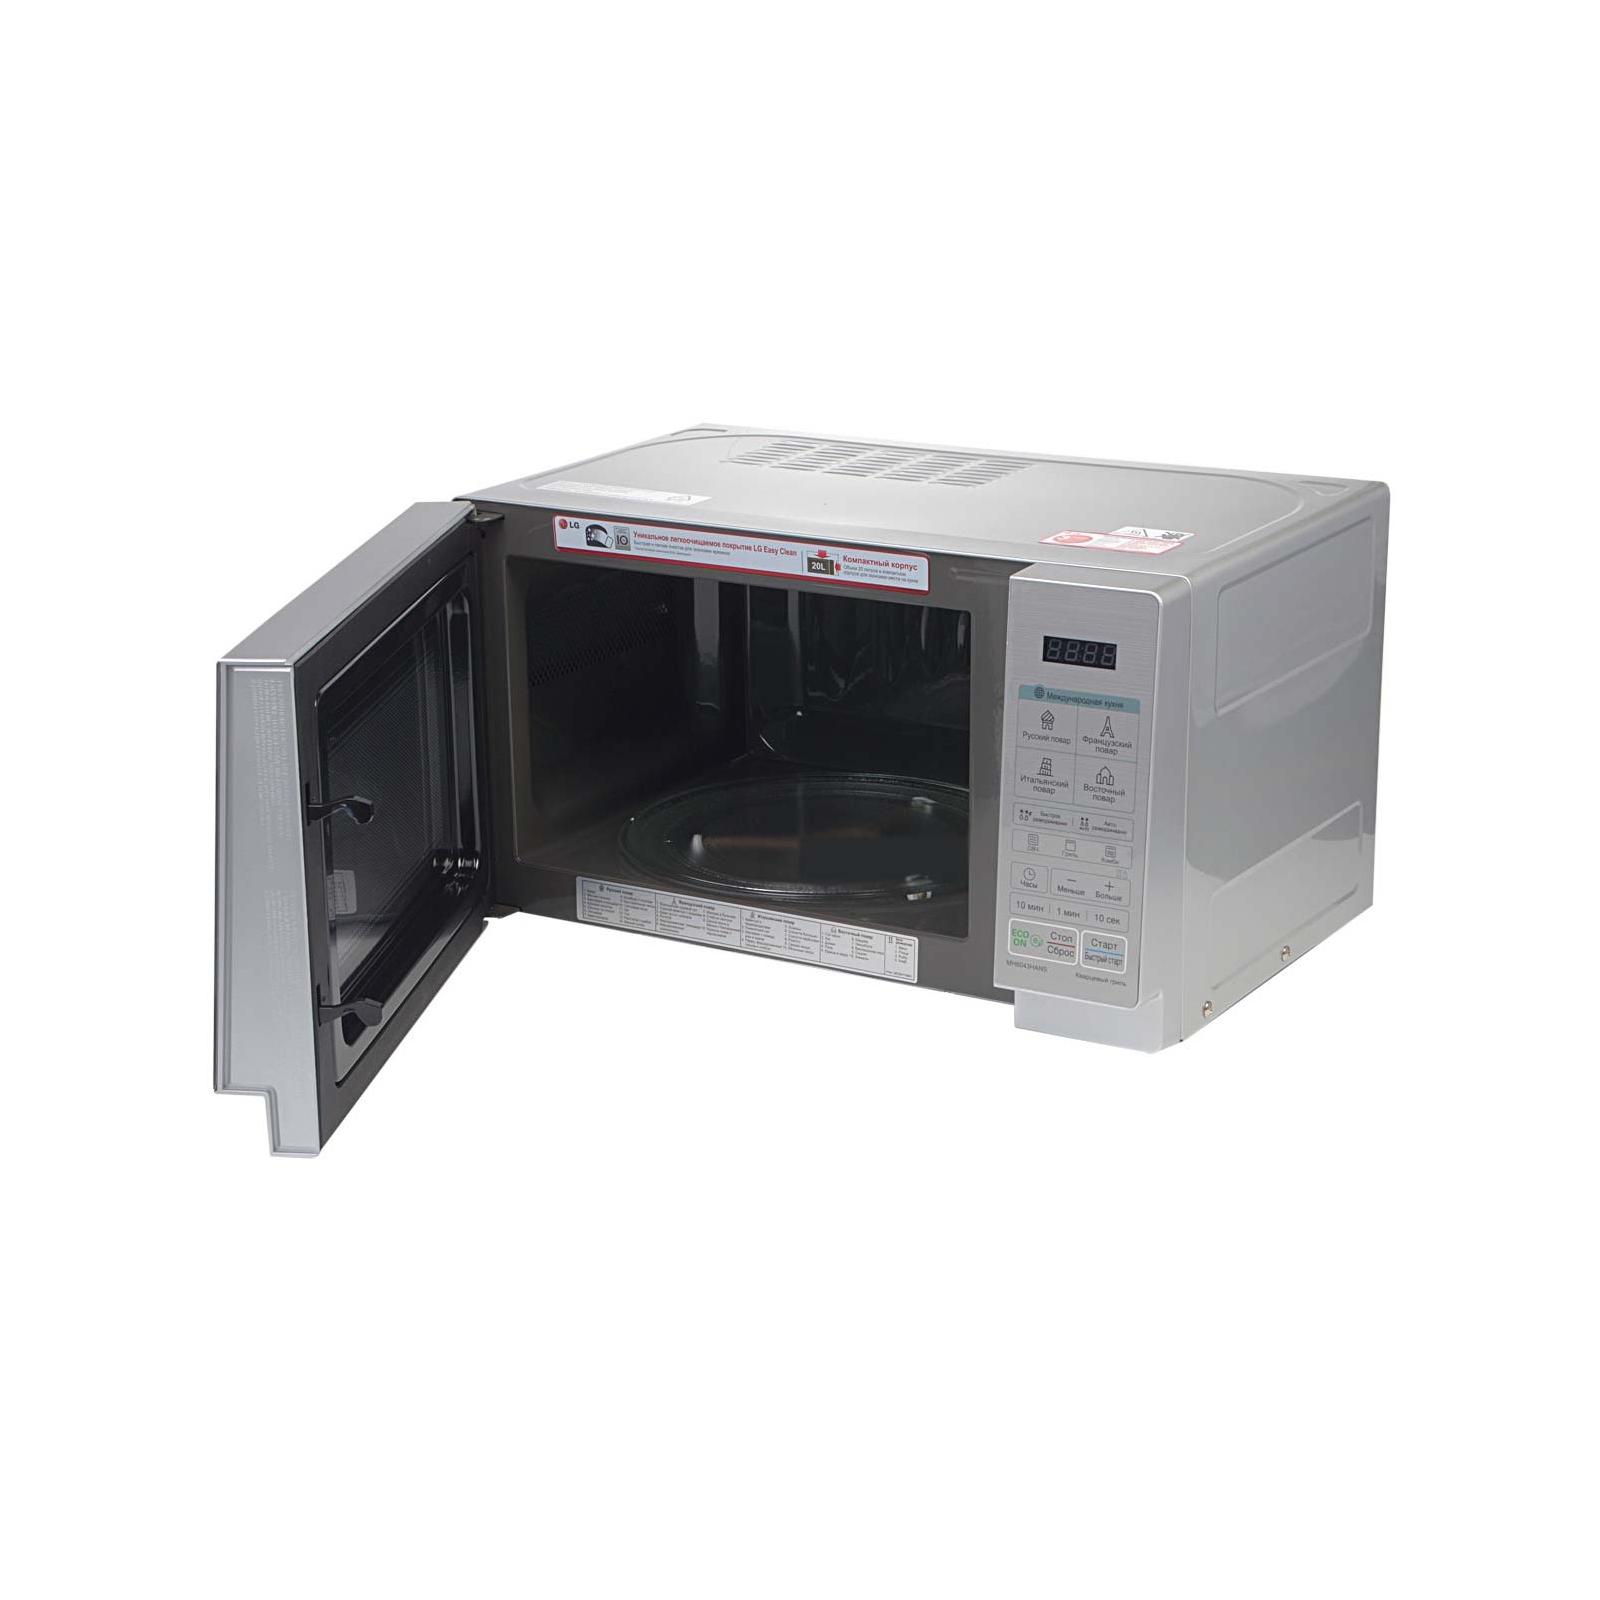 Микроволновая печь LG MH6043HANS изображение 5